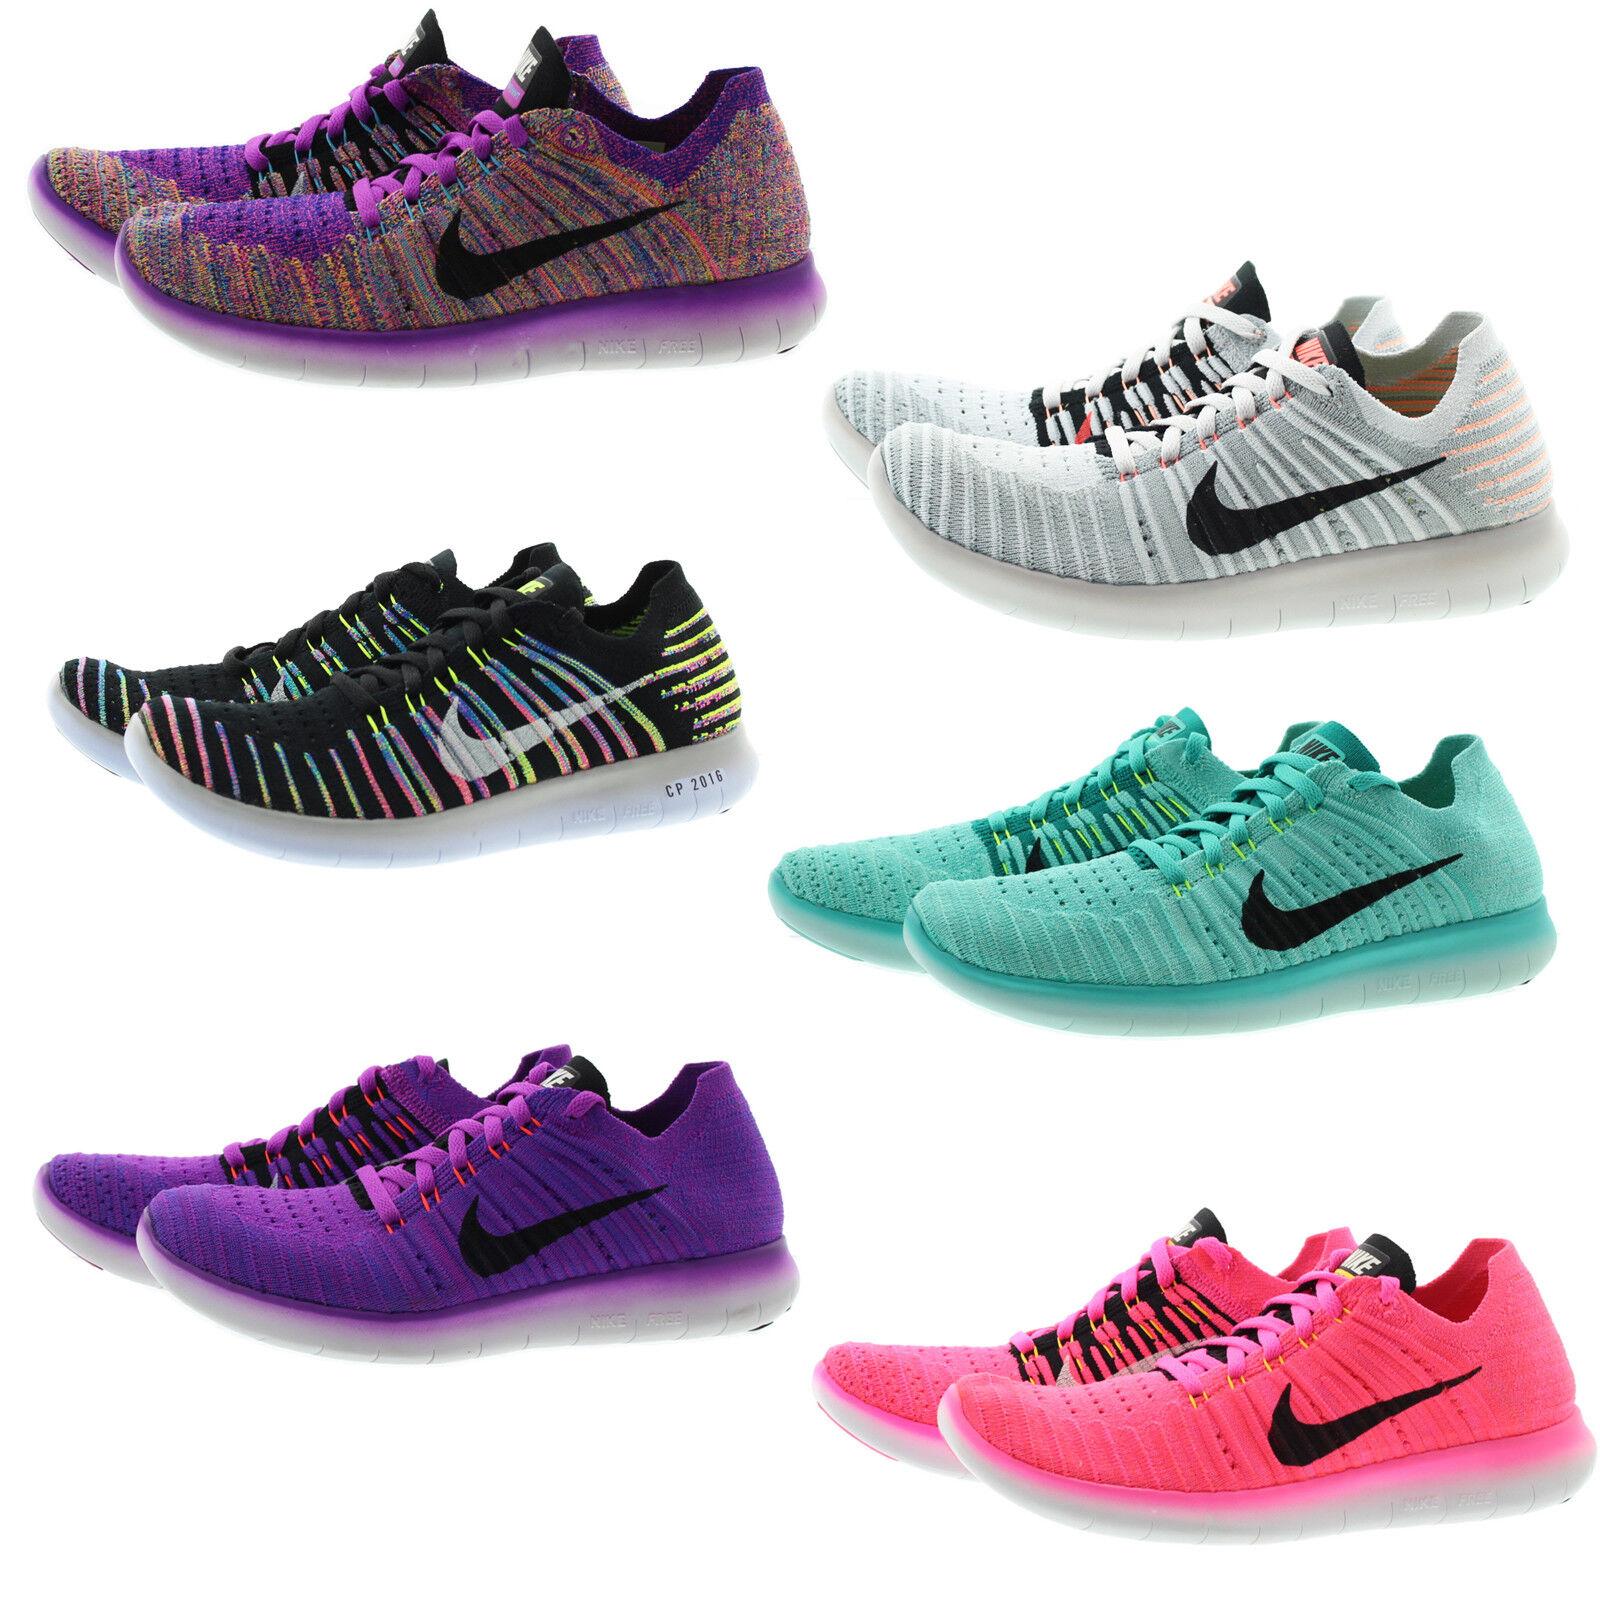 Nike 831070 831070 831070 kvinnor Free RN Flystickade Performance springaning skor skor  fashional butik till salu